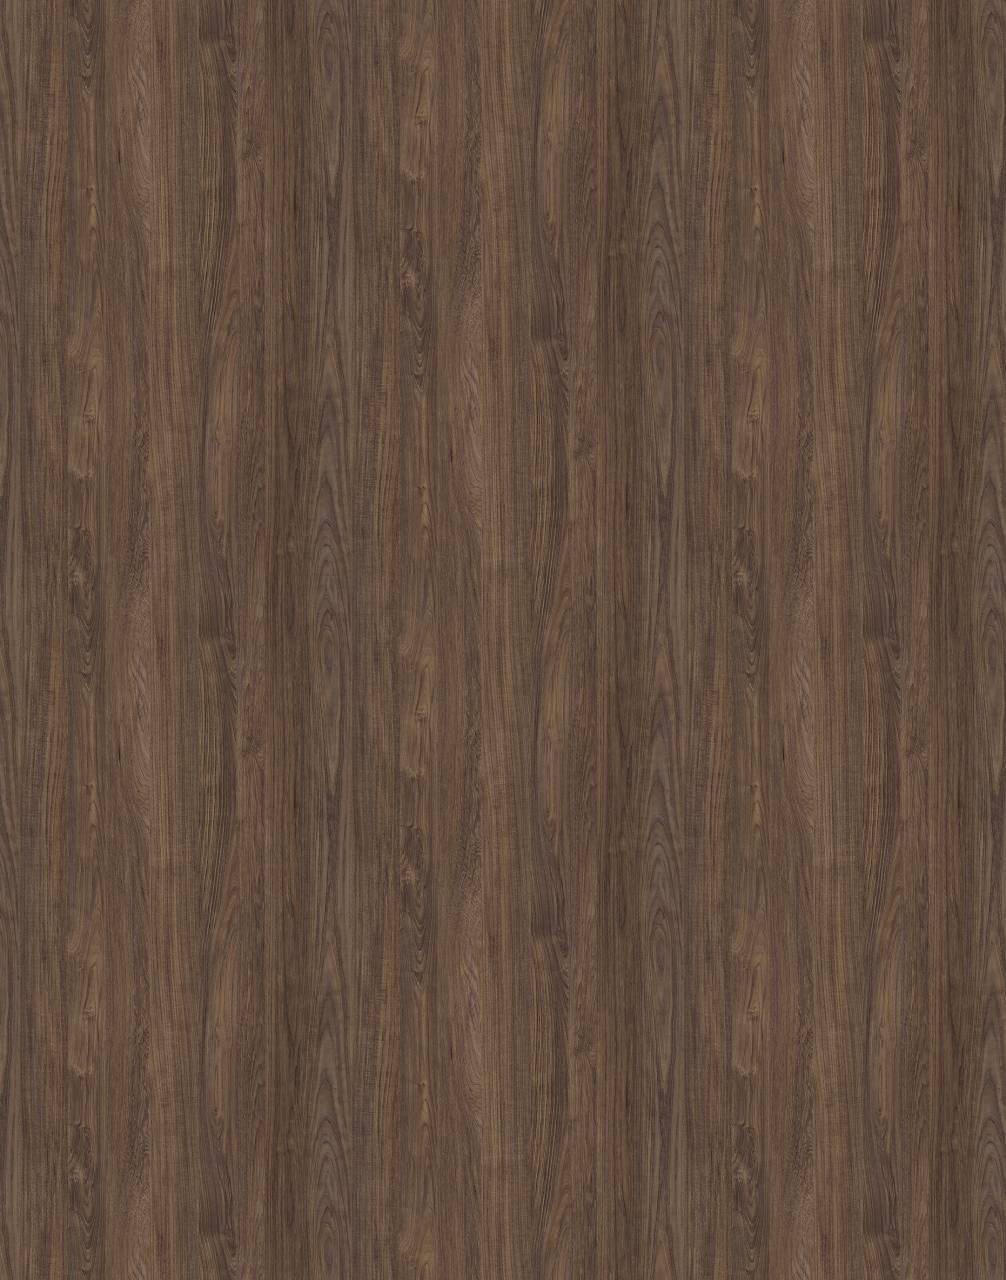 K015 Vintage Marine Wood (MF PB sample)